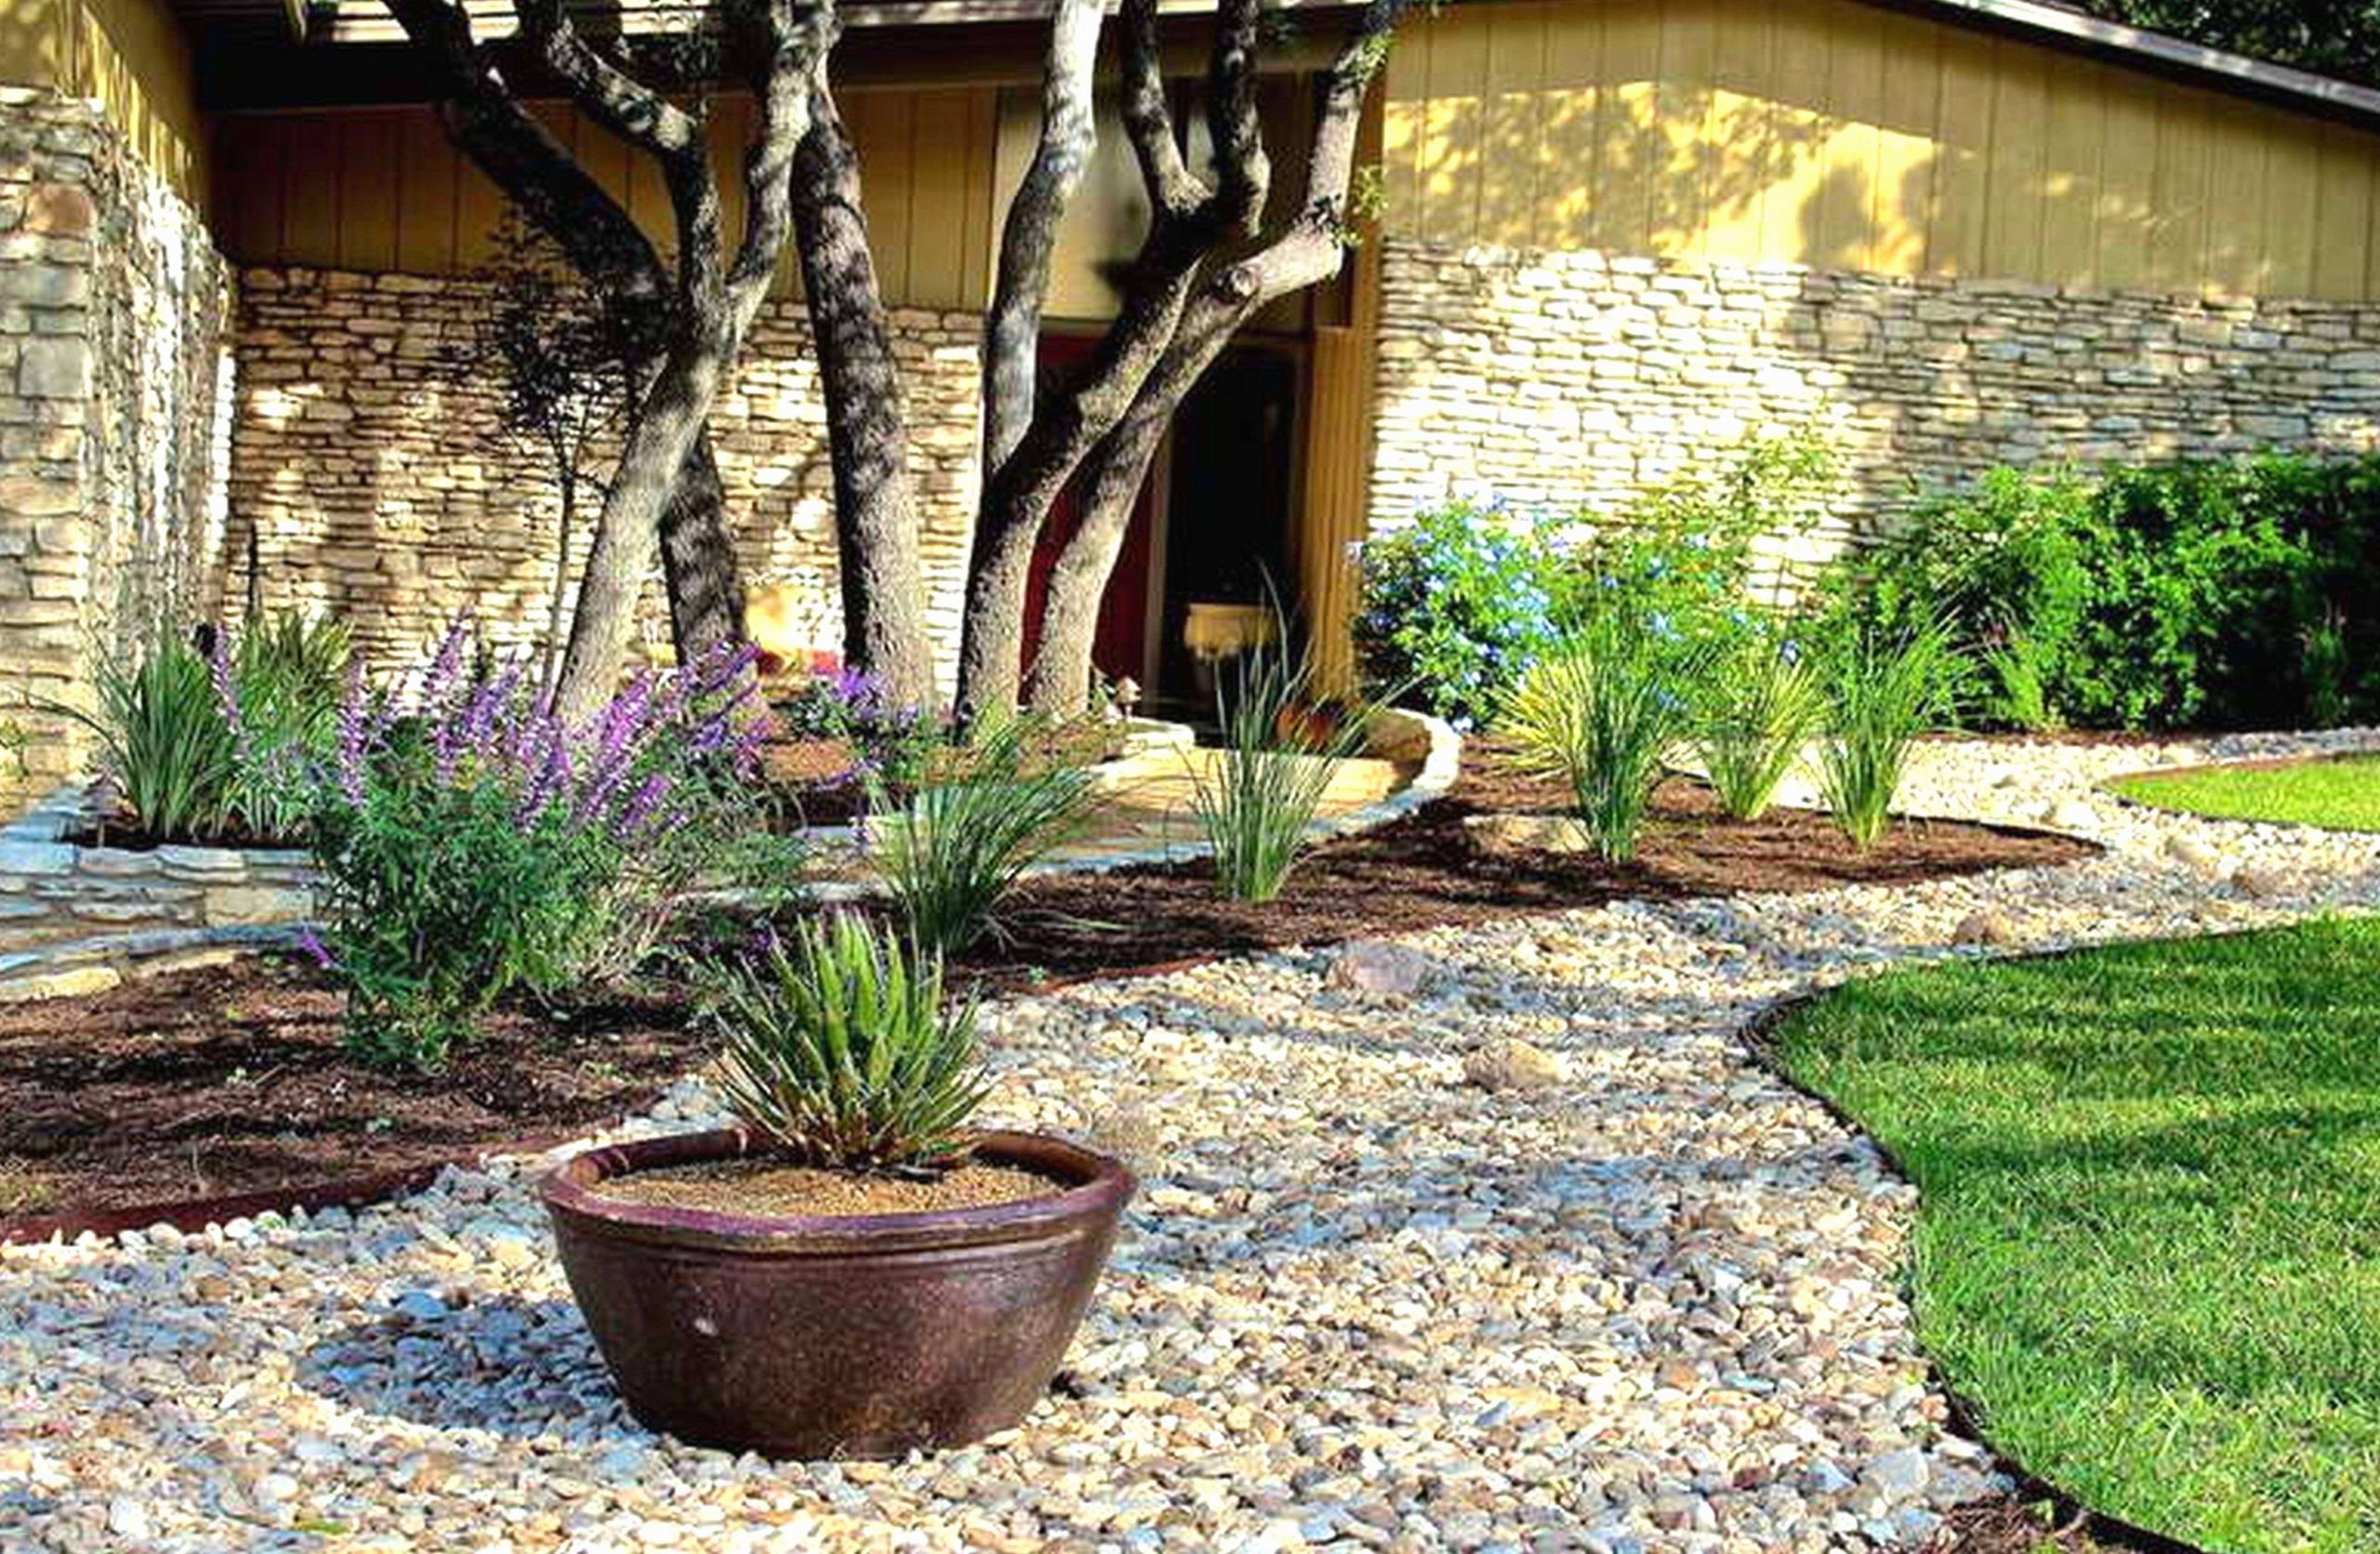 42 das beste von steingarten bilder bilder kiesgarten anlegen ideen kiesgarten anlegen ideen